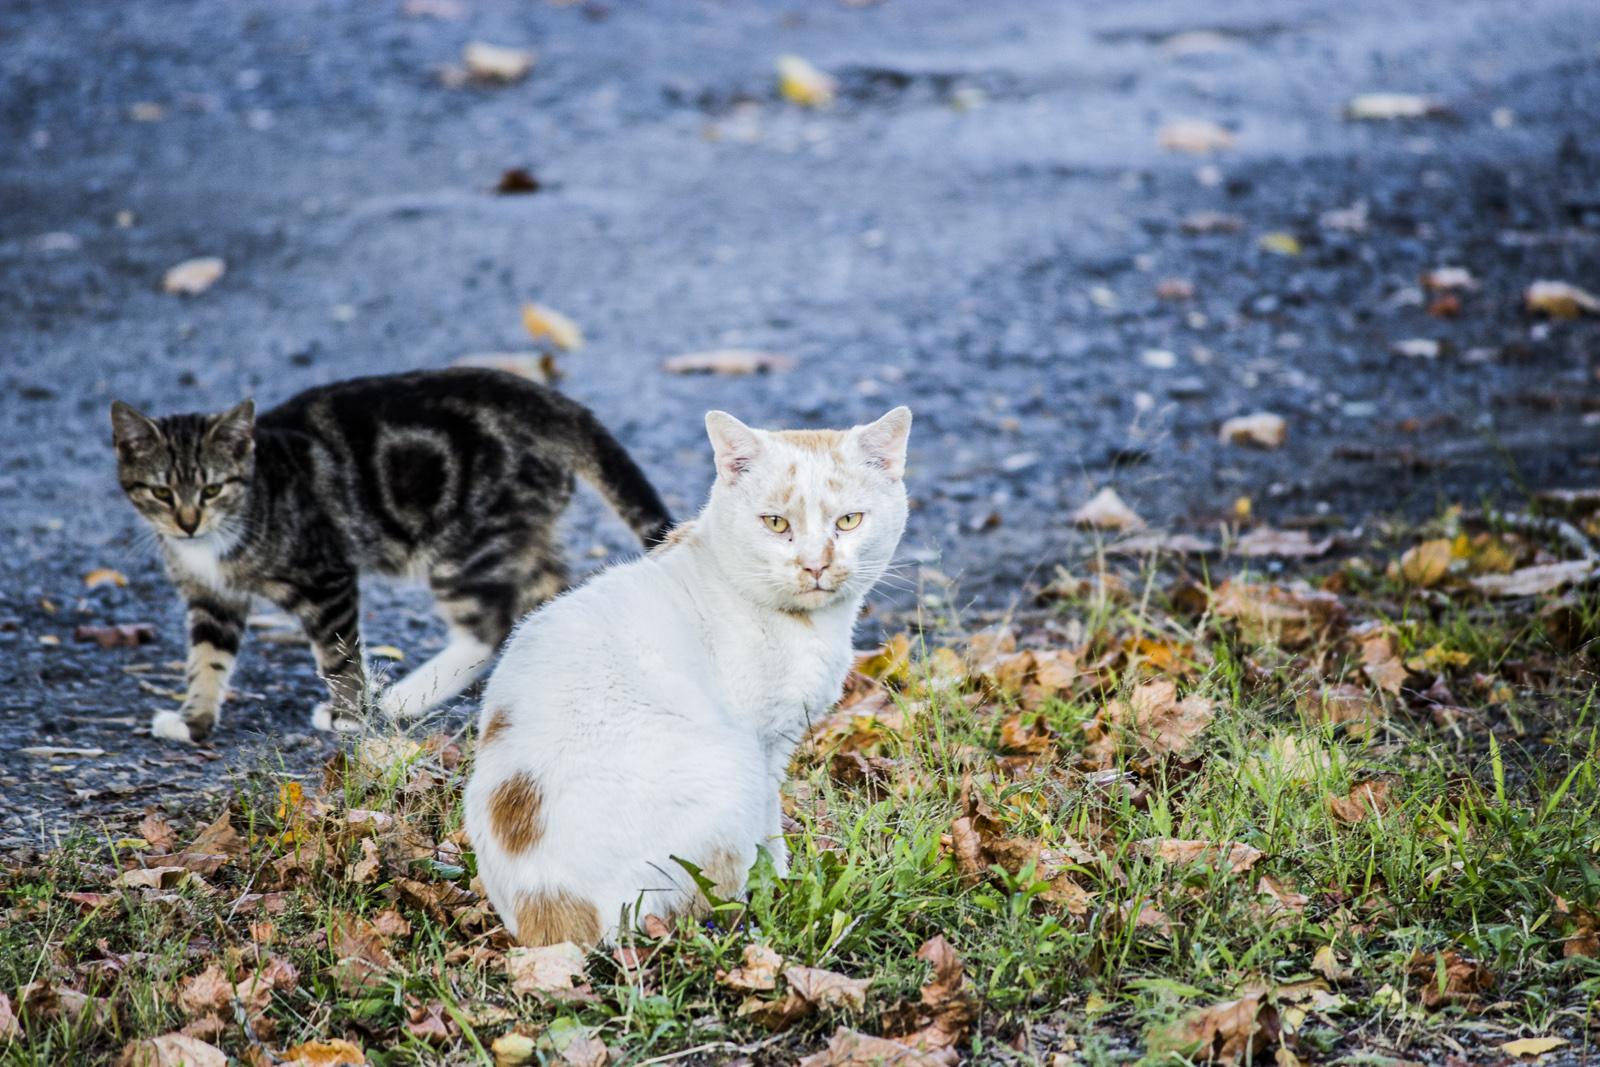 Feral cat #2